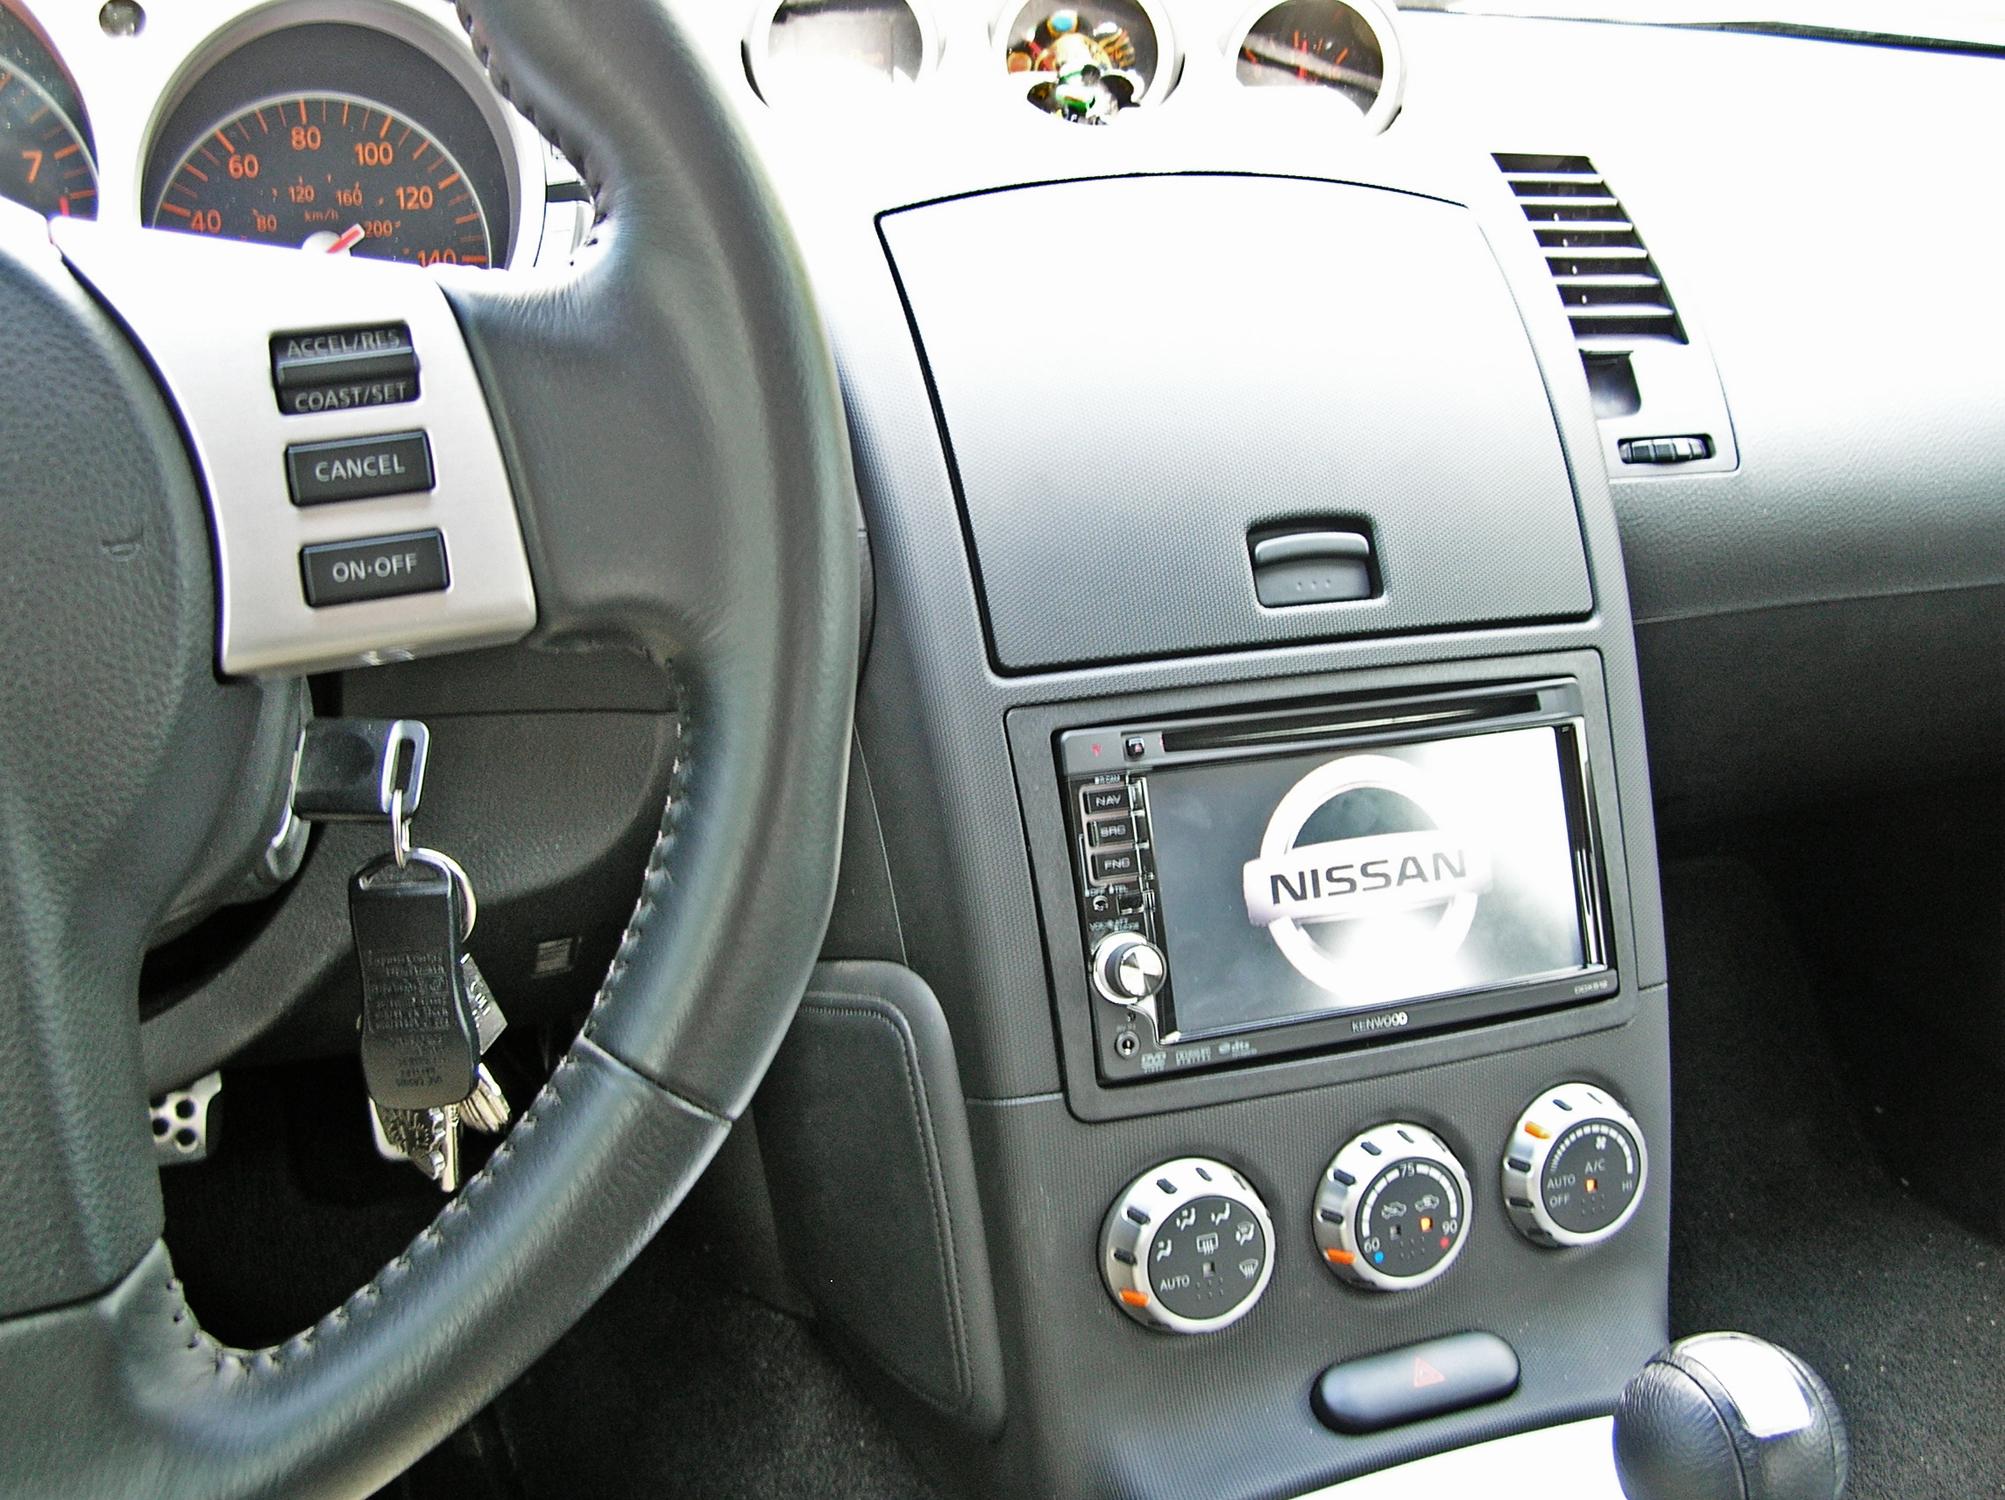 Nissan 350z Santa Fe Auto Sound